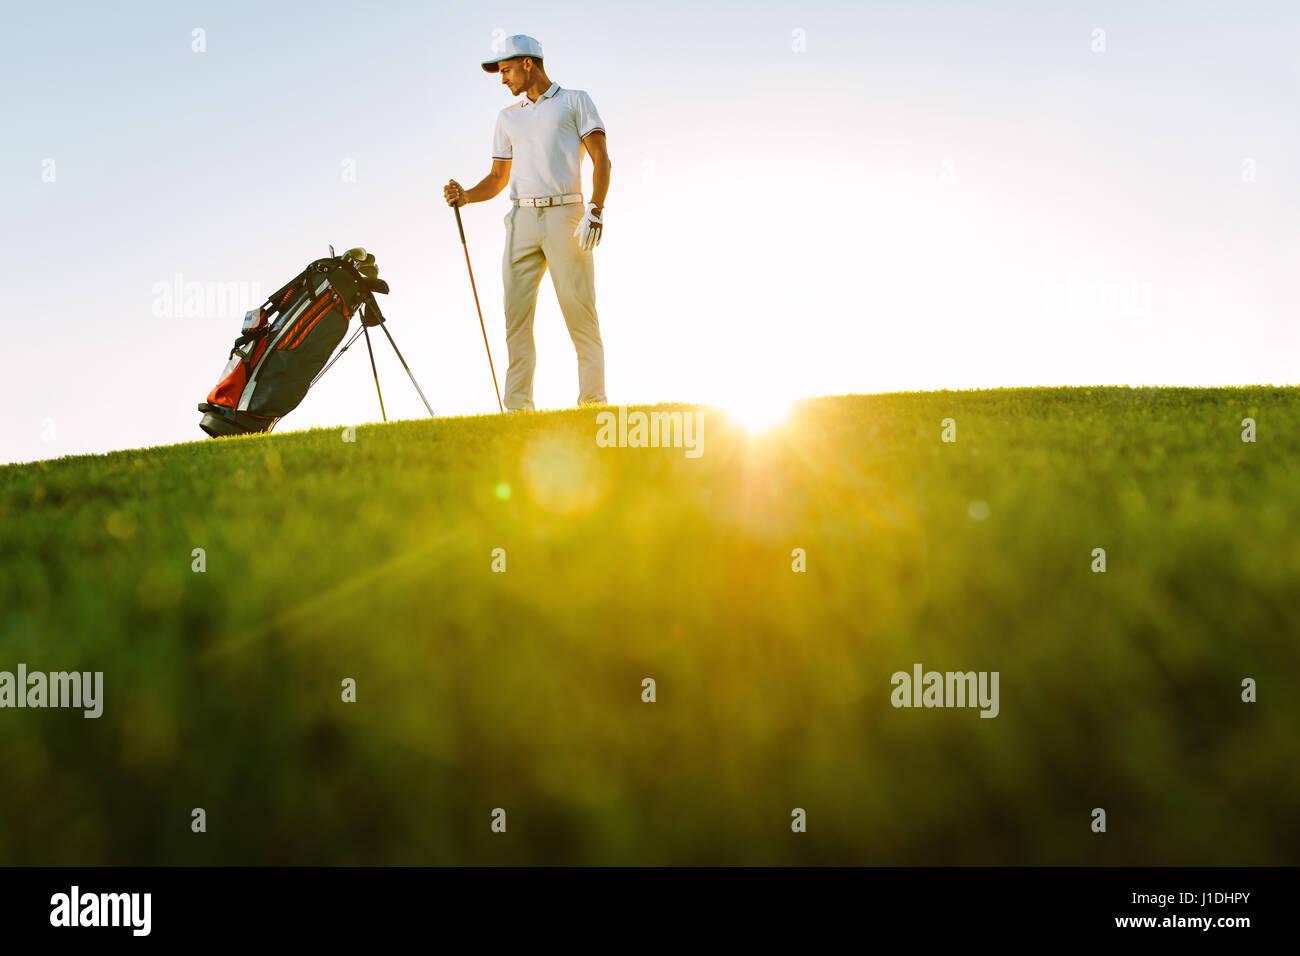 Gesamte Länge der Golfspieler, die Tasche auf Feld an sonnigen Tag stehend betrachten. Niedrigen Winkel Schuss Stockbild